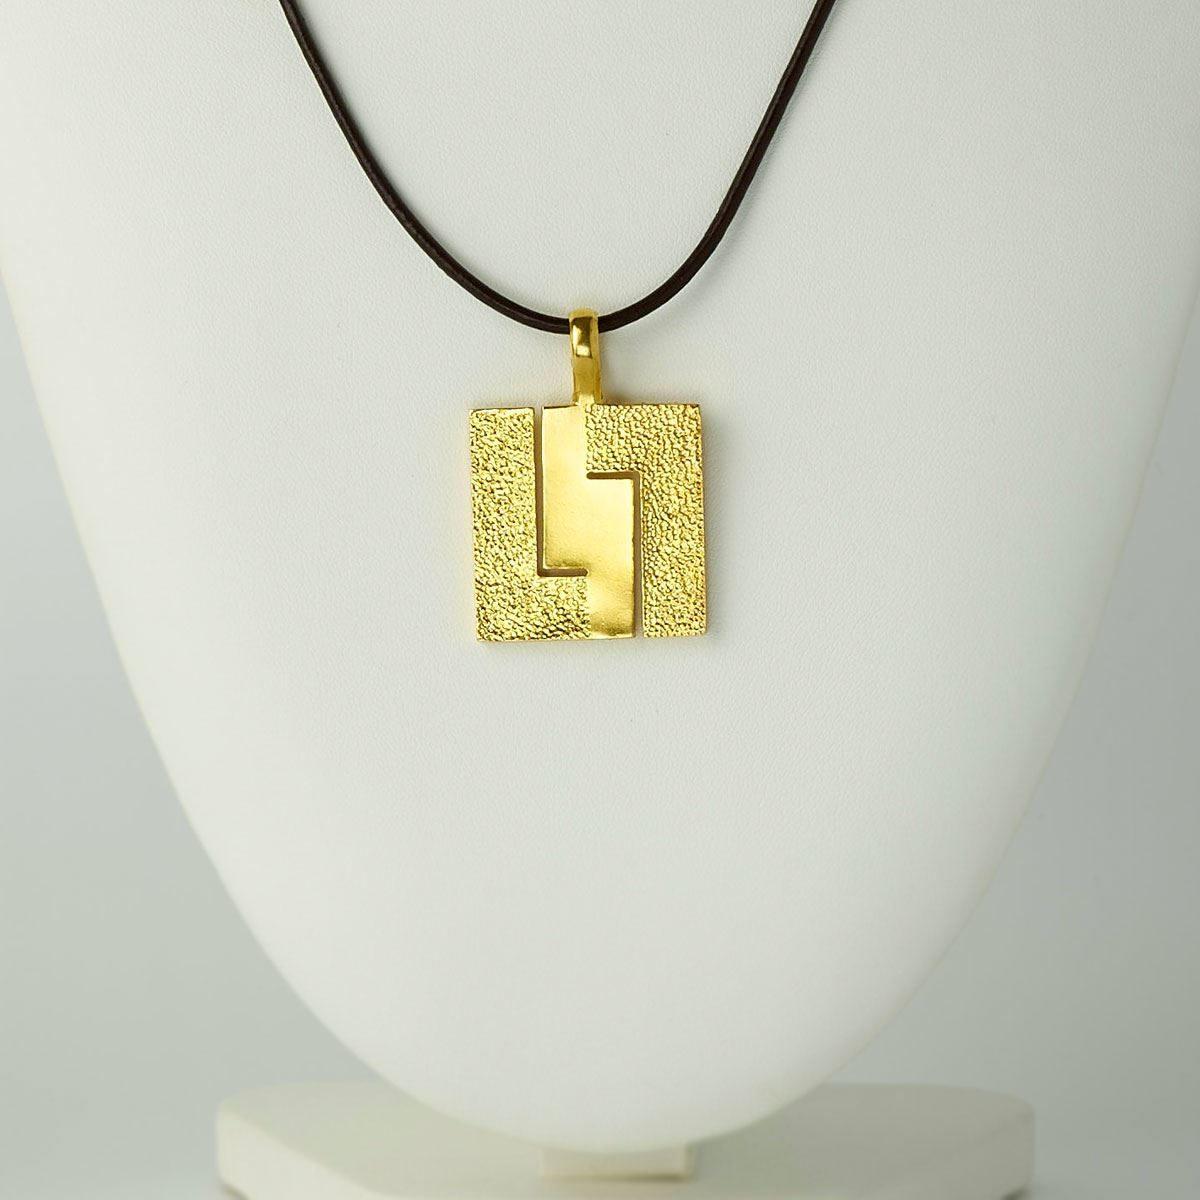 Colgante de diseño modelo Xeometría, joyería de plata y baño de oro, Joyas Siliva.